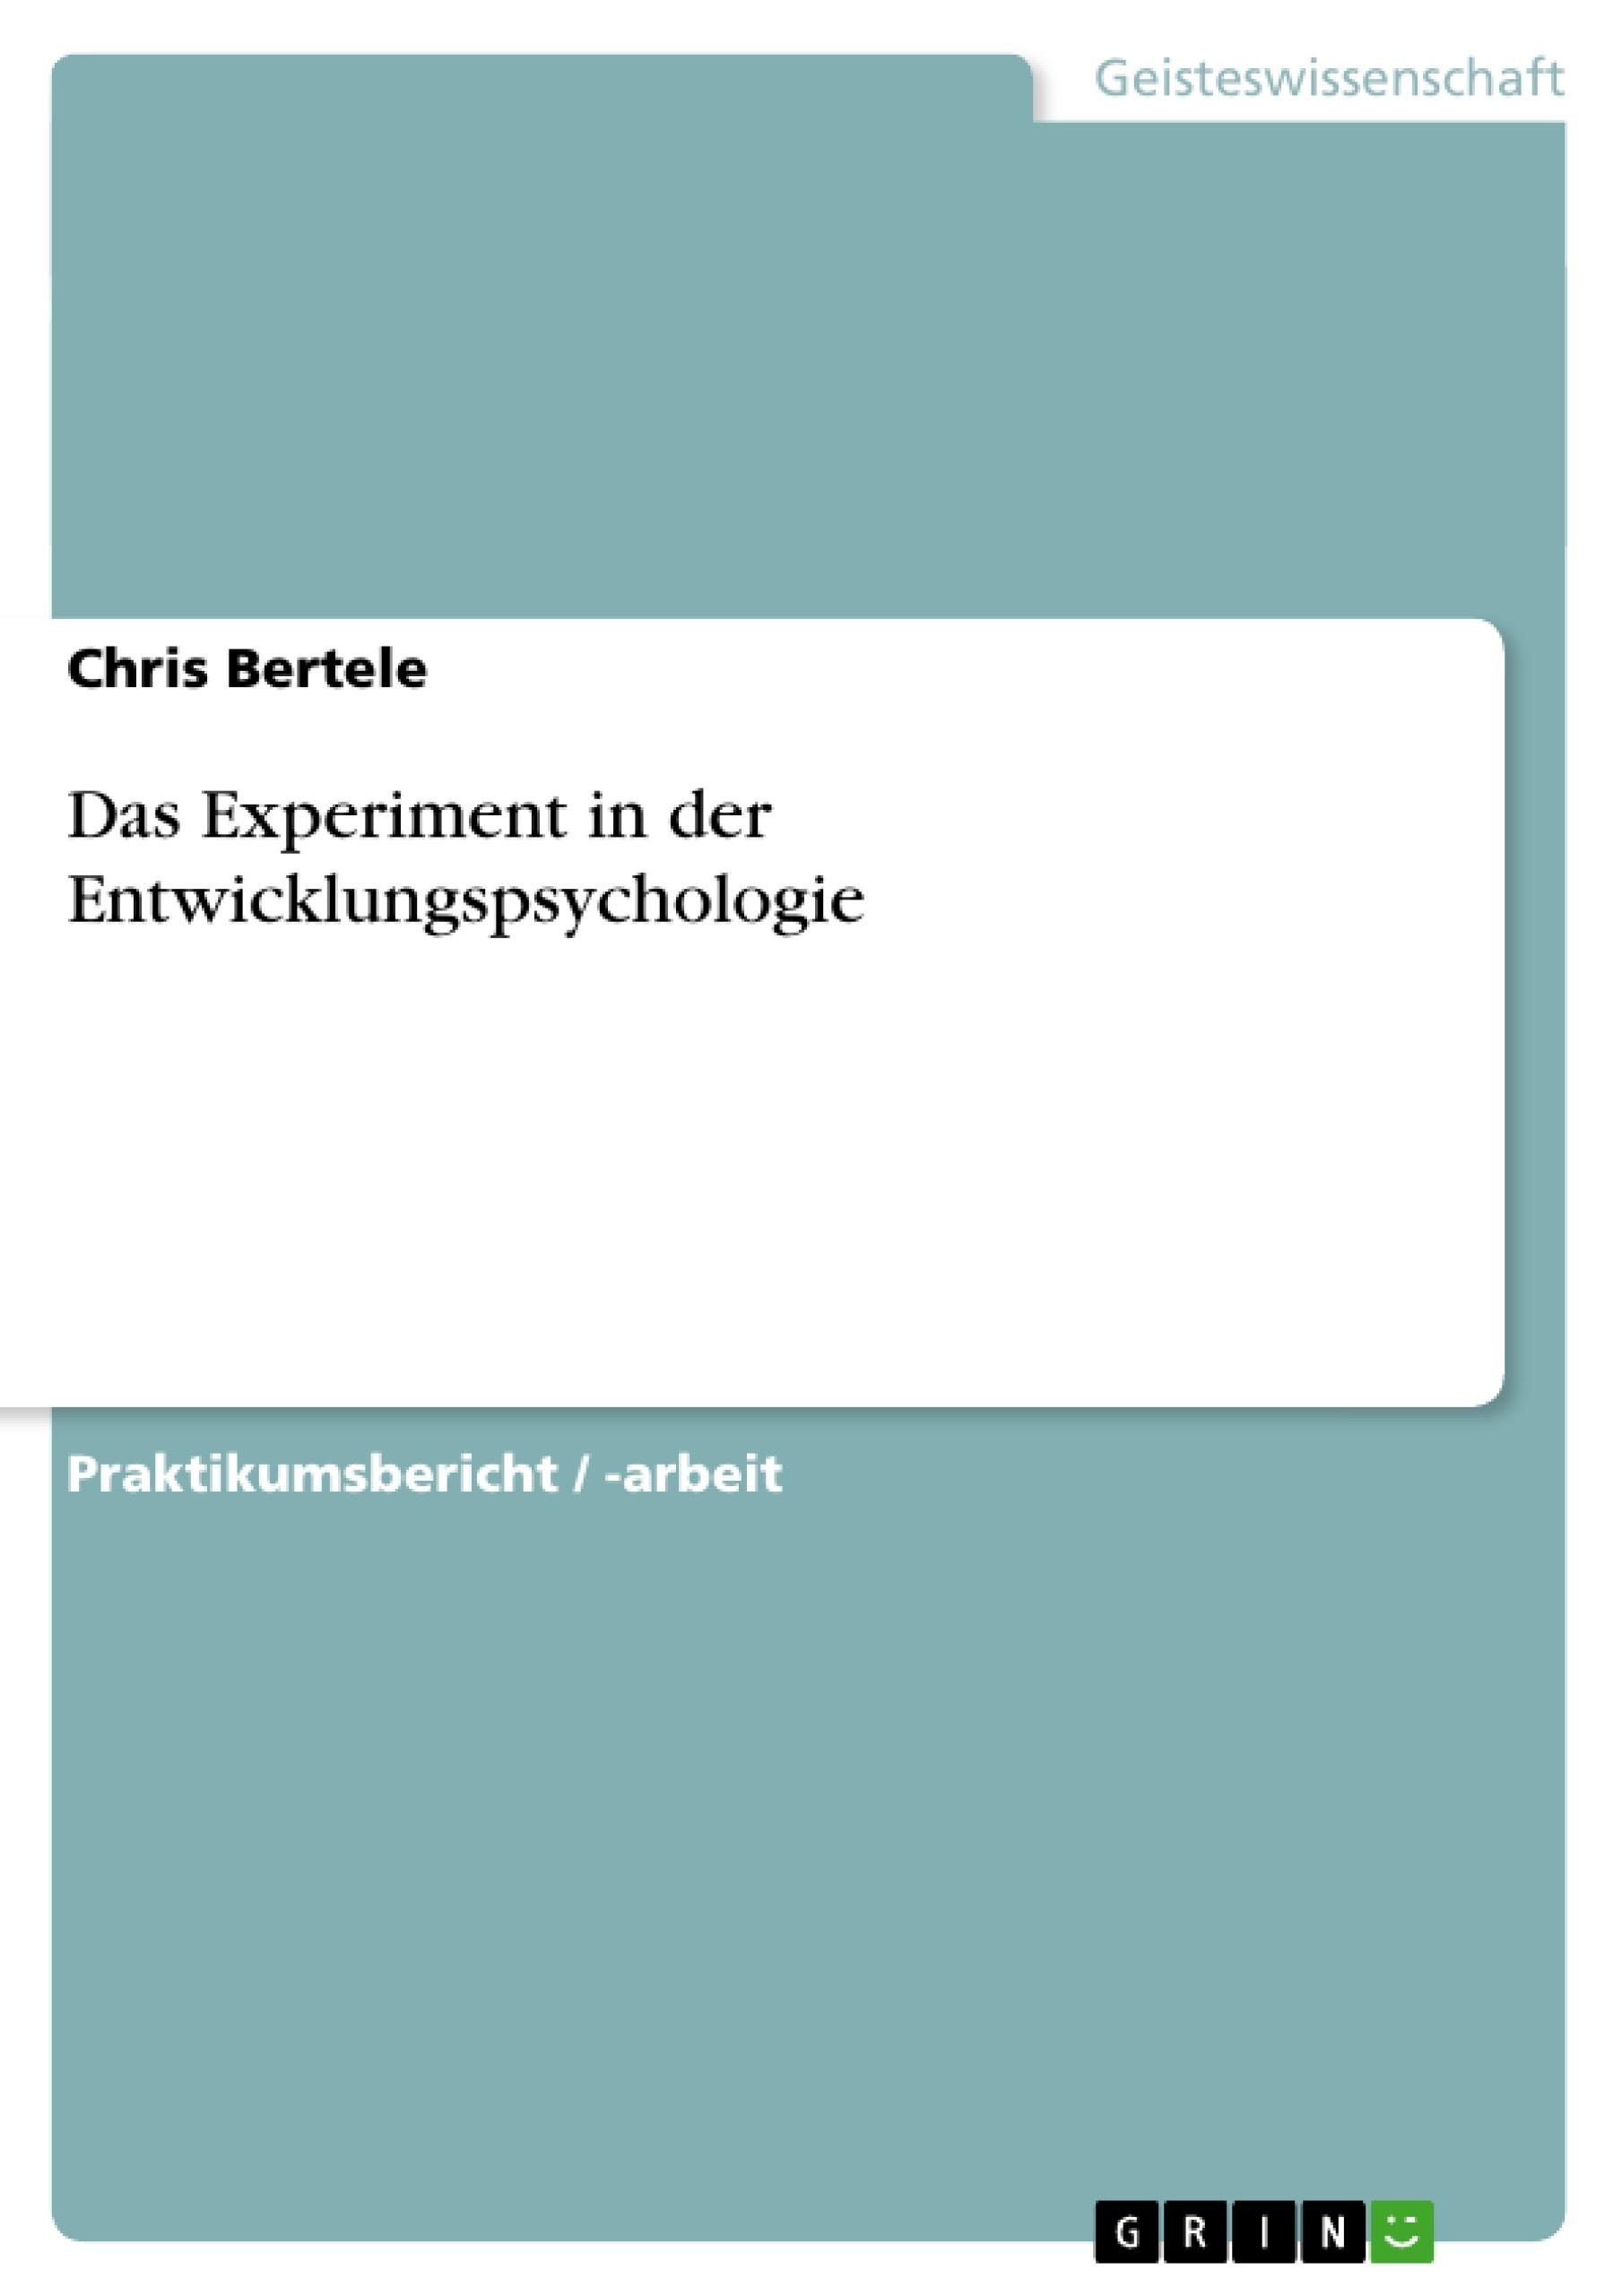 Titel: Das Experiment in der Entwicklungspsychologie